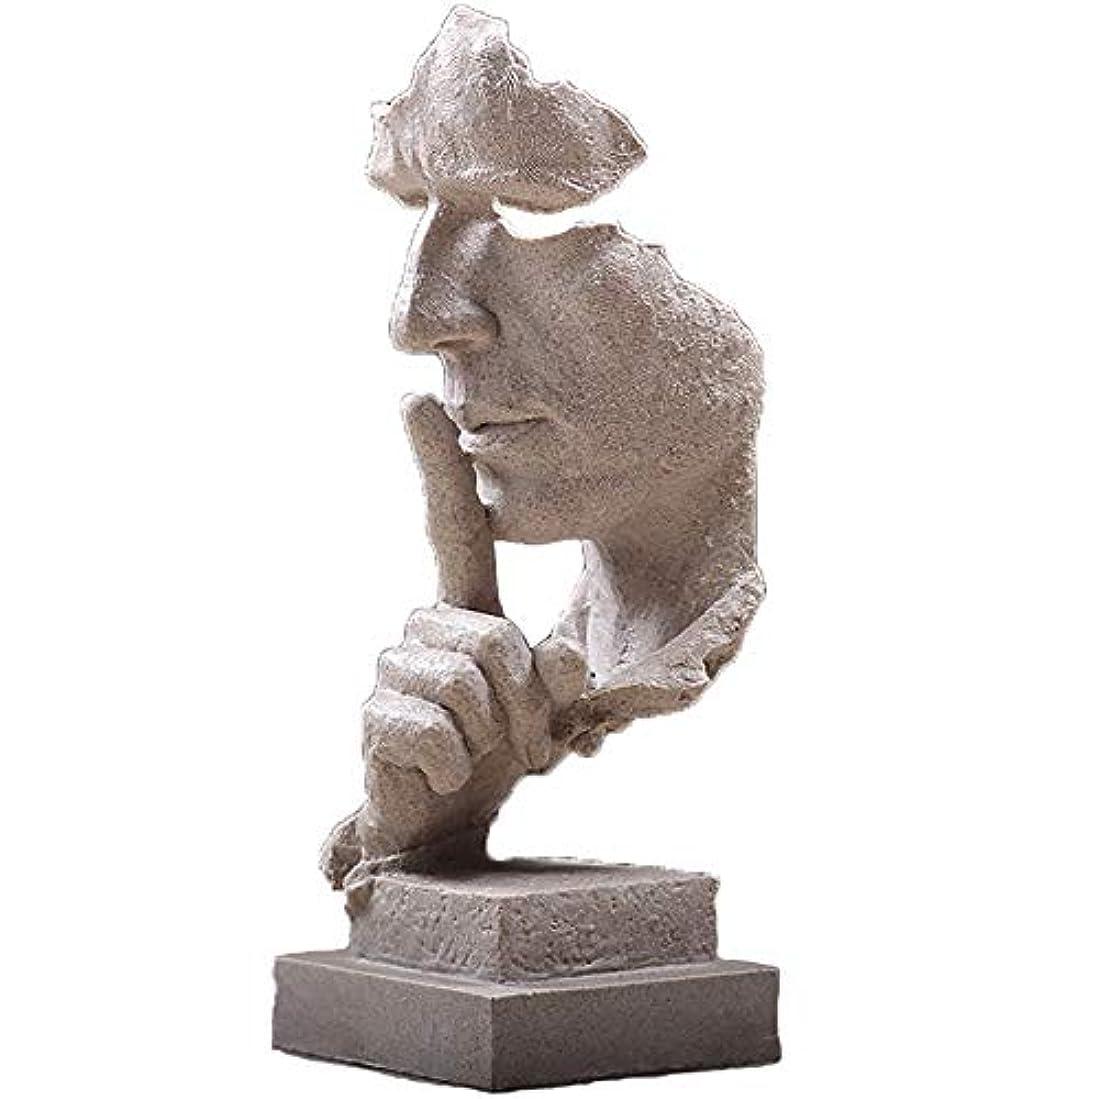 成功した蘇生するピケ樹脂抽象彫刻沈黙はゴールデン男性像キャラクター工芸品装飾用オフィスリビングルームアートワーク,White